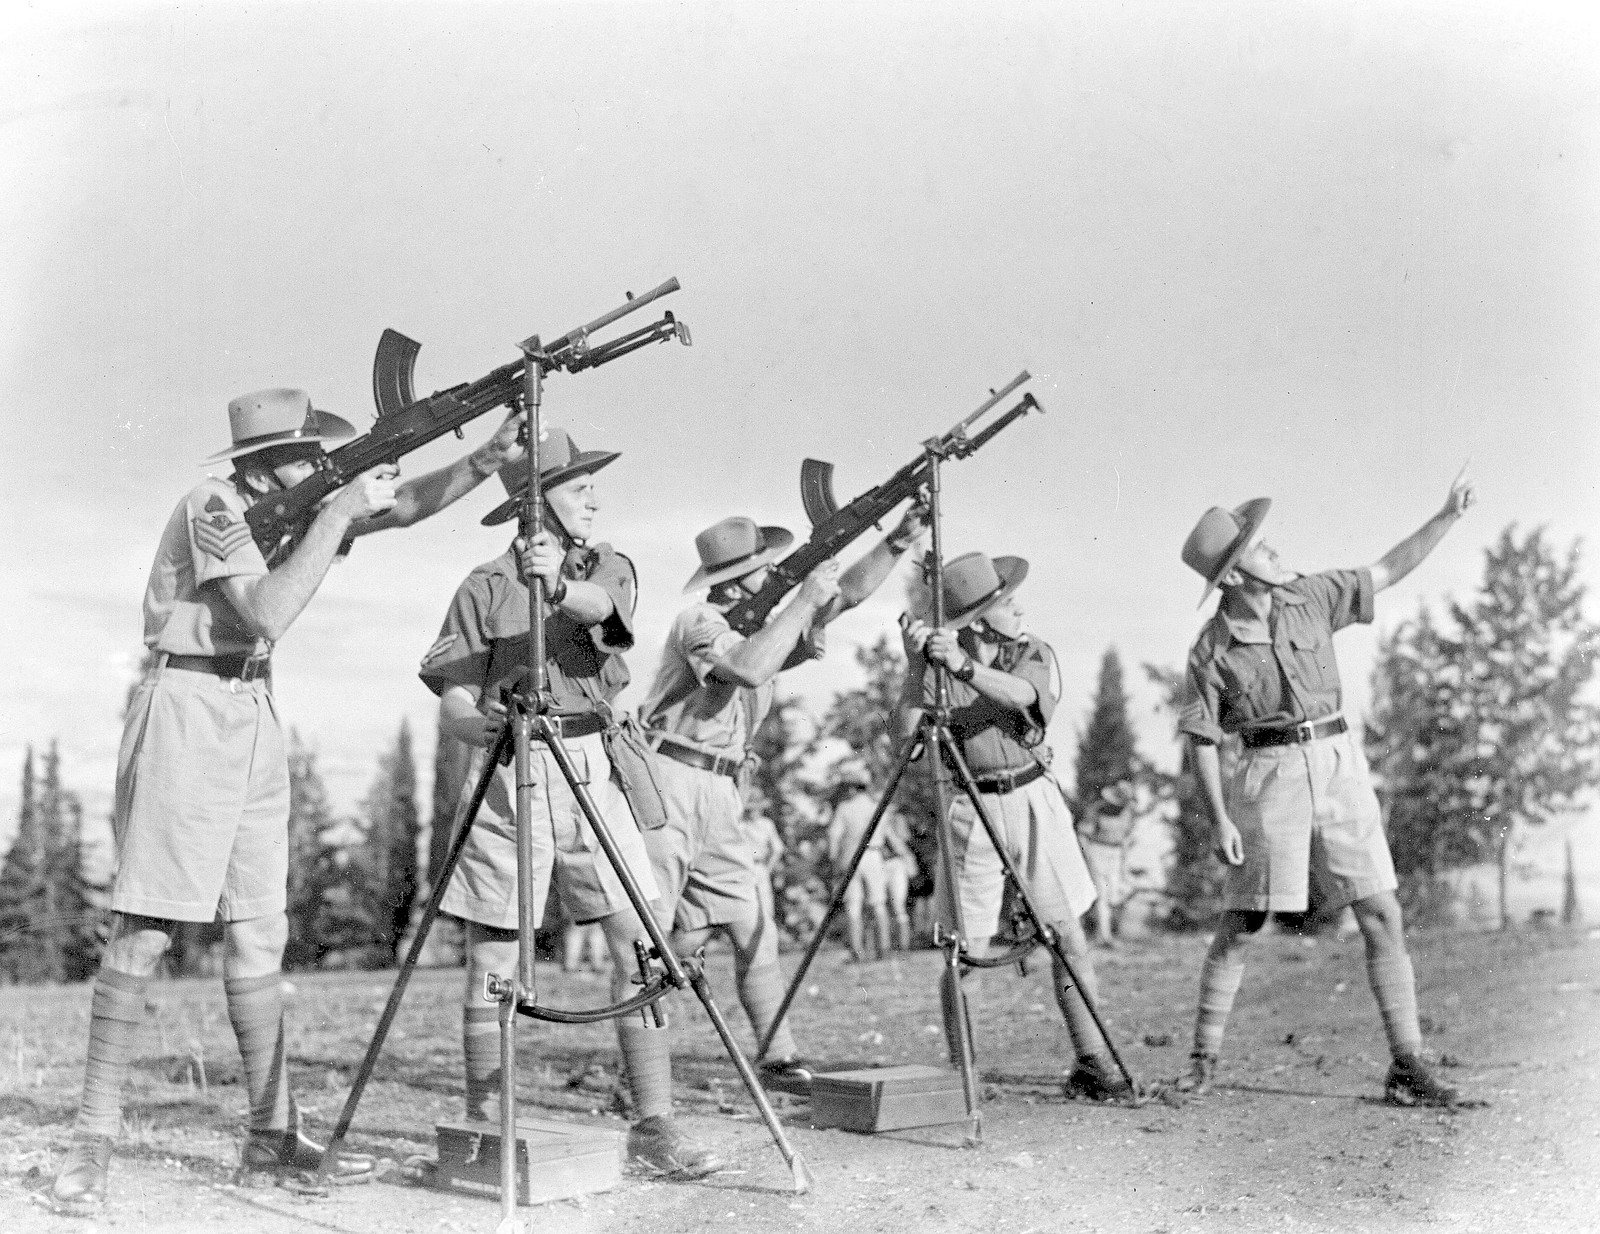 09. 1942. Еврейская поселенческая полиция во время полевых занятий на учебной базе в «Кфар Еладим»